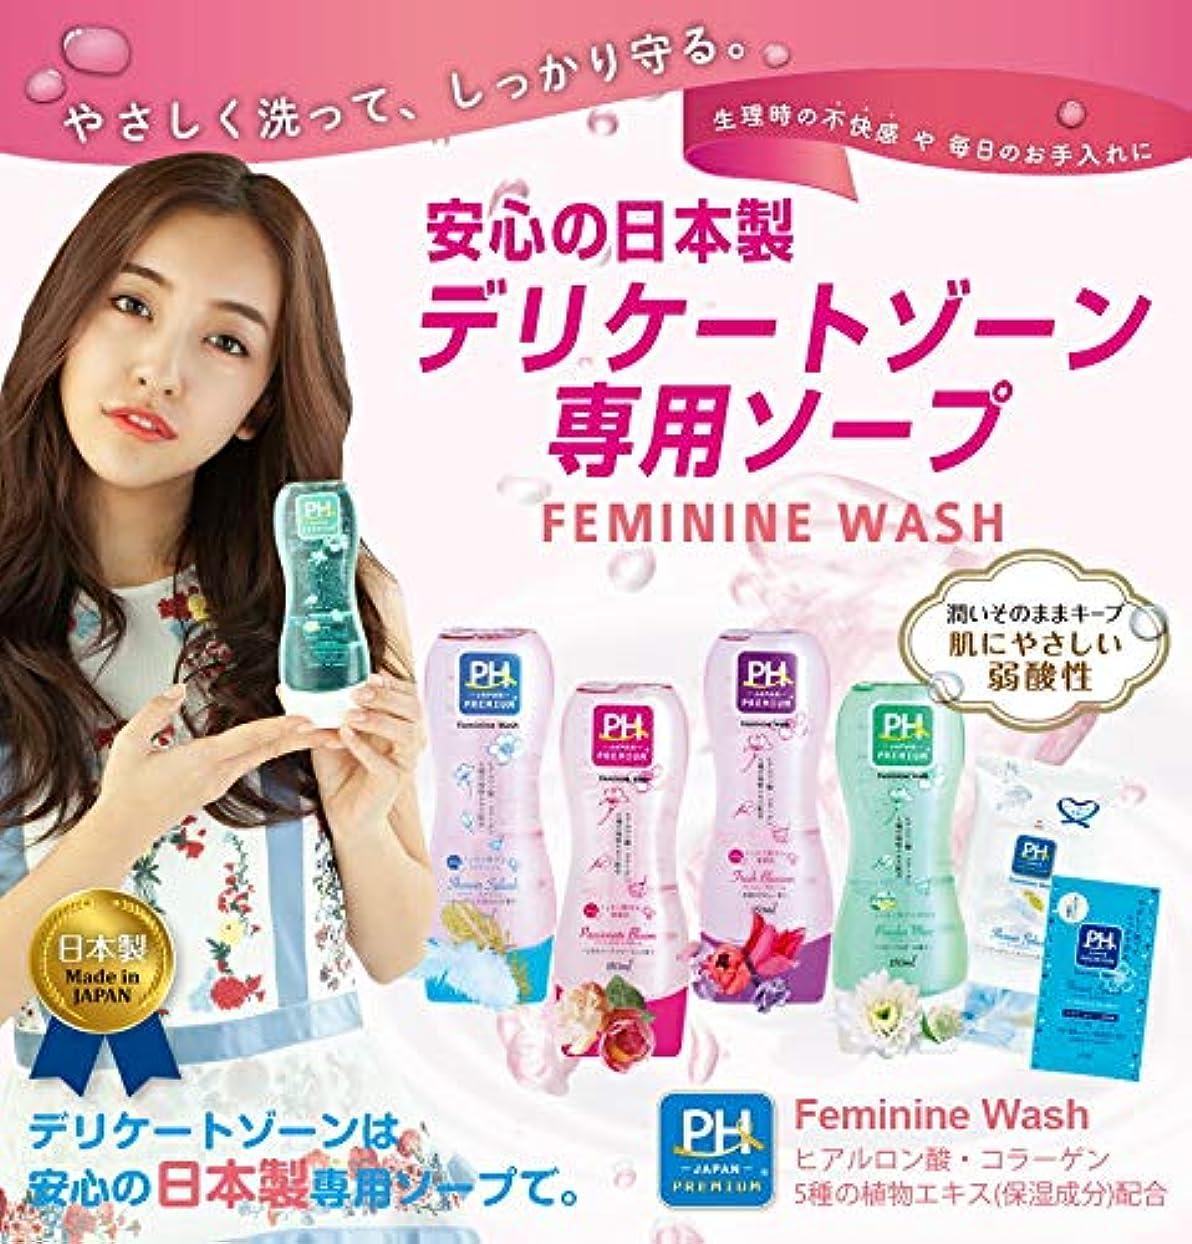 報復する赤字アナウンサーPH JAPAN プレミアム フェミニンウォッシュ パッショネイトブルーム150ml上品なローズフローラルの香り 3本セット